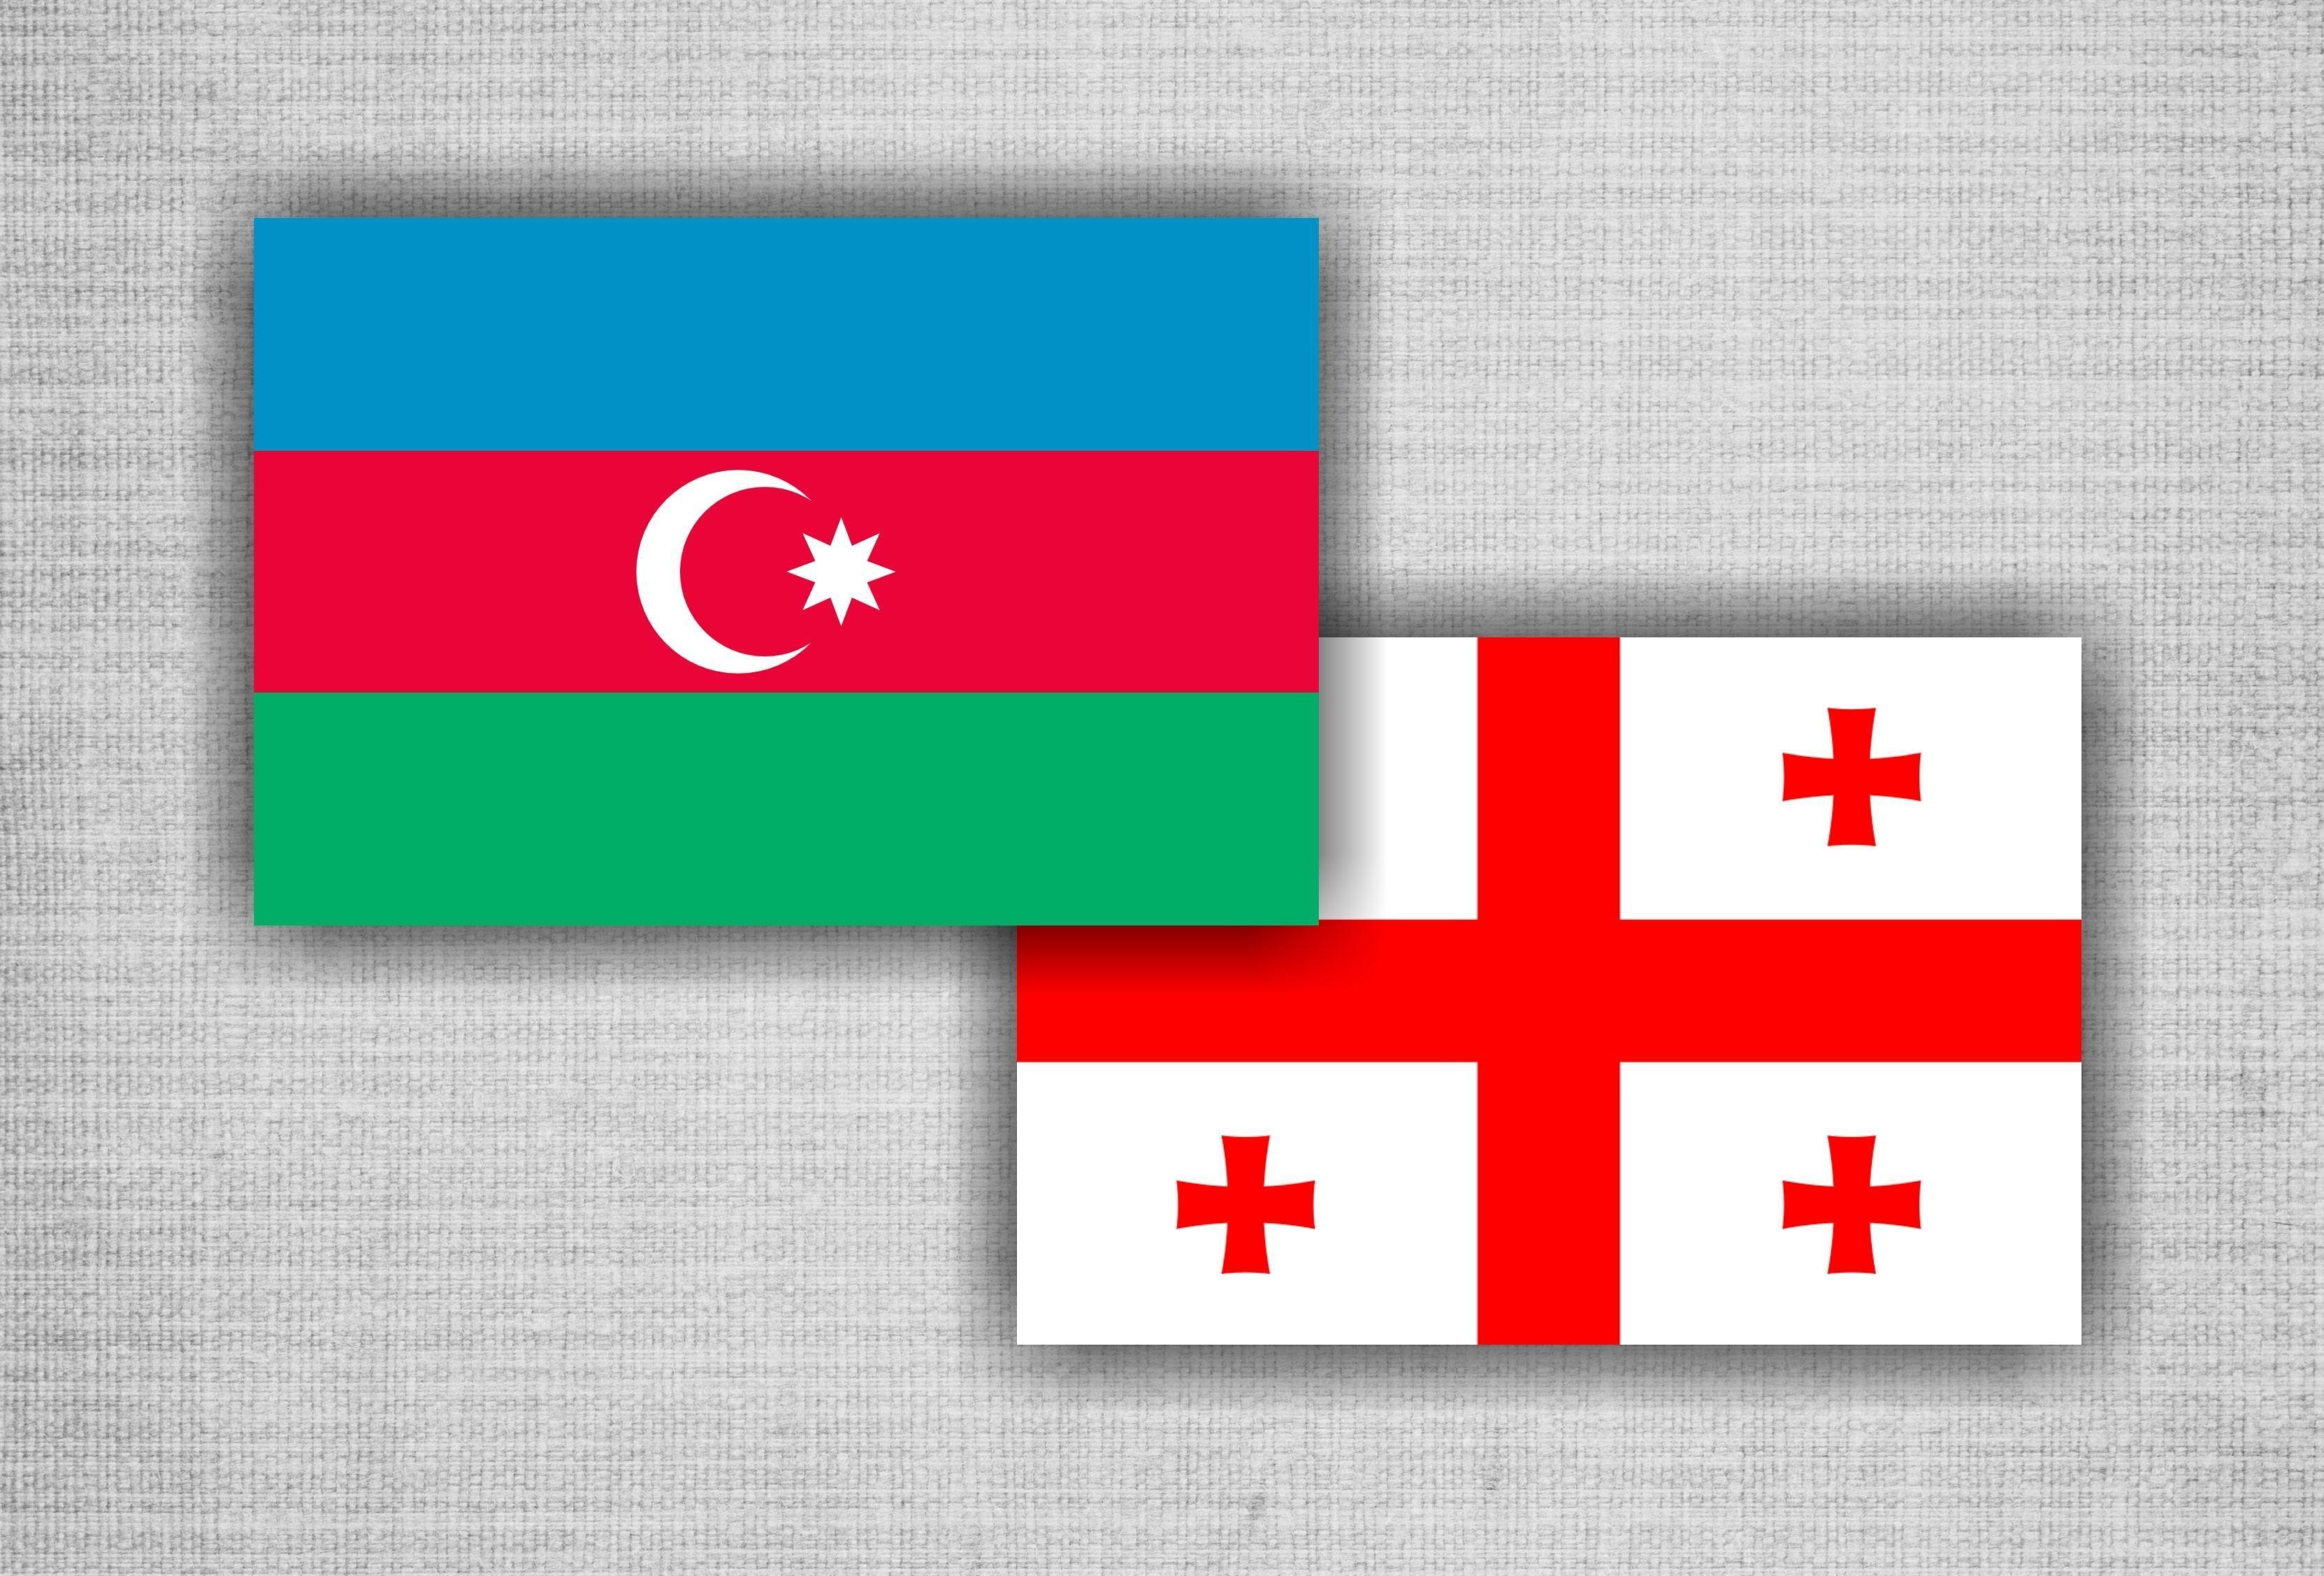 Очередной этап переговоров по делимитации азербайджано-грузинской границы пройдет в июле-августе - ЭКСКЛЮЗИВ